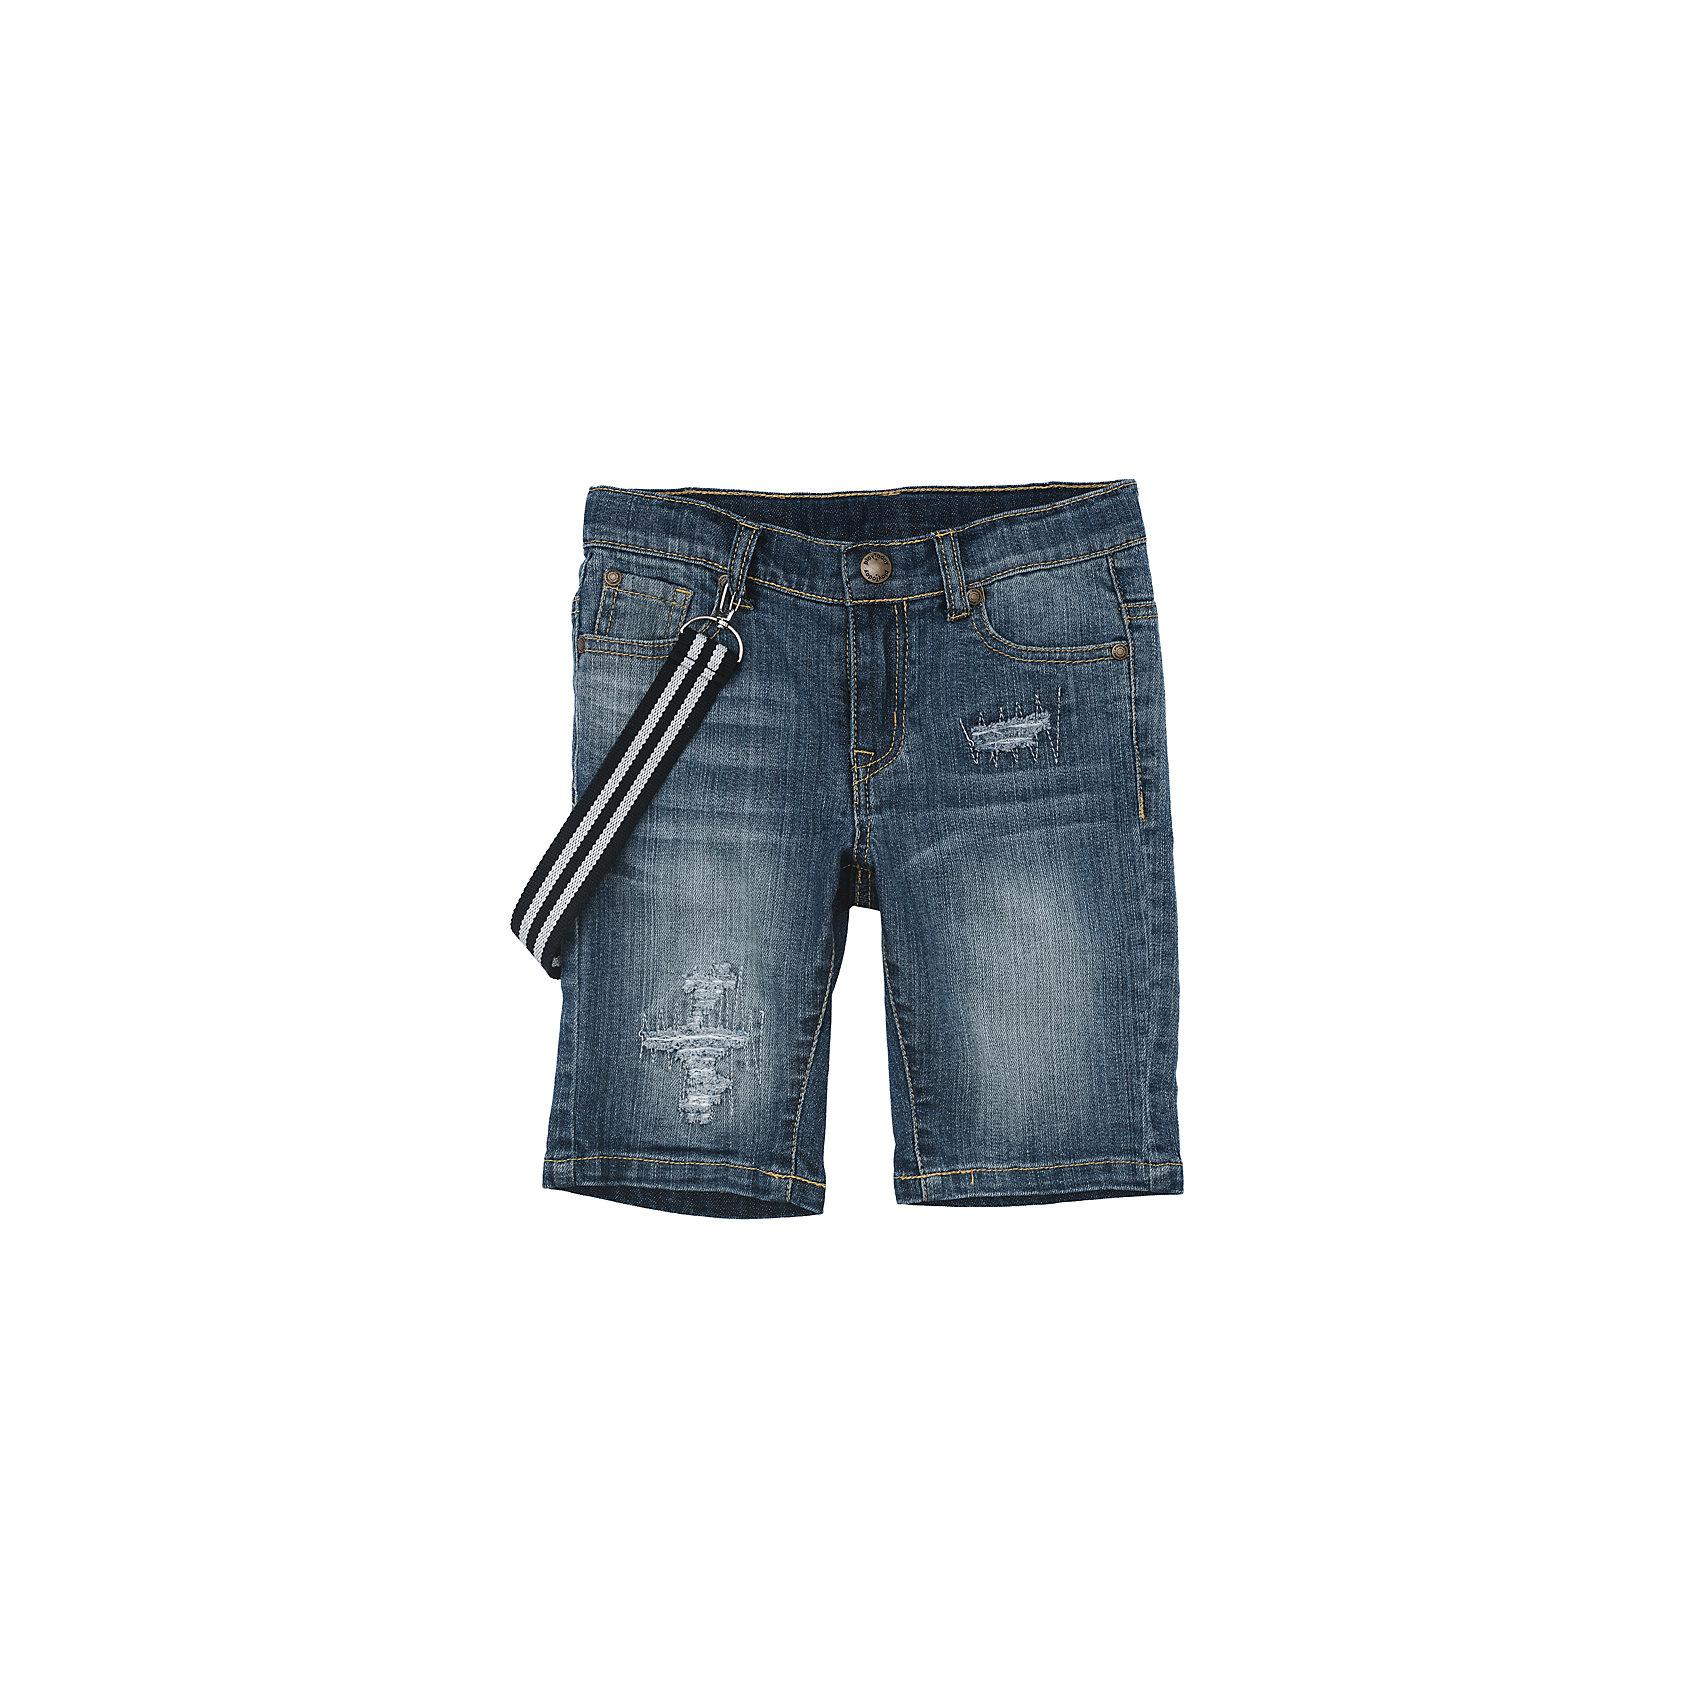 Шорты джинсовые для мальчика PlayTodayДжинсовая одежда<br>Шорты джинсовые для мальчика PlayToday<br>Удлиненные шорты из натуральной джинсовой ткани с прорезями и эффектом потертости идеально подойдут для отдыха и прогулок.Модель со шлевками, при необходимости можно использовать ремень. В качестве декора предлагается стильный пояс на карабинахПреимущества: Свободный классический крой не сковывает движения ребенкаМодель со шлевками, при необходимости можно использовать ременьДекорированы стильным поясом на карабинах<br>Состав:<br>99% хлопок, 1% эластан<br><br>Ширина мм: 191<br>Глубина мм: 10<br>Высота мм: 175<br>Вес г: 273<br>Цвет: синий<br>Возраст от месяцев: 84<br>Возраст до месяцев: 96<br>Пол: Мужской<br>Возраст: Детский<br>Размер: 110,116,122,128,98,104<br>SKU: 5403389